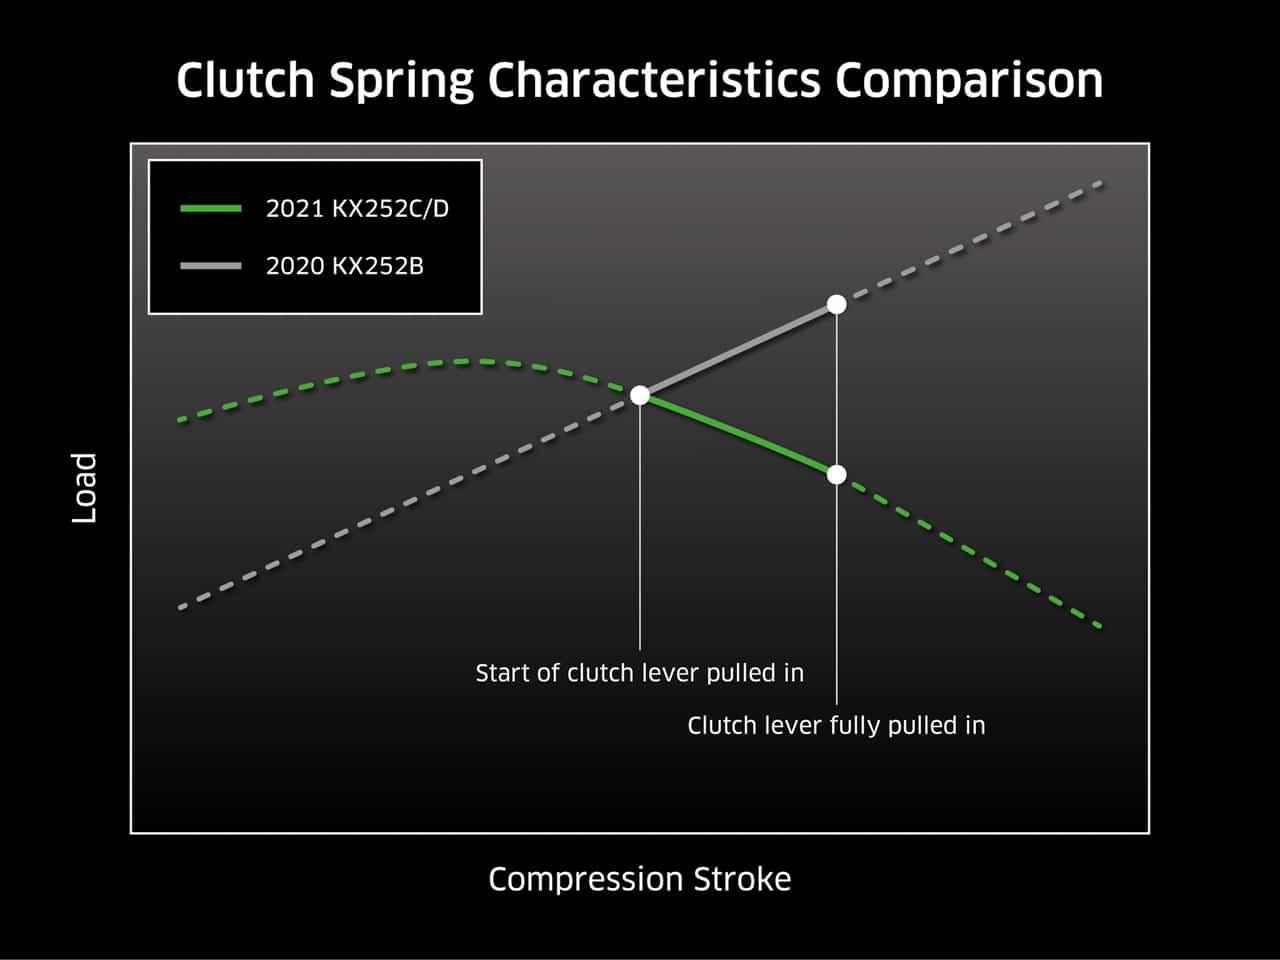 2021 KAWASAKI KX250 clutch graph